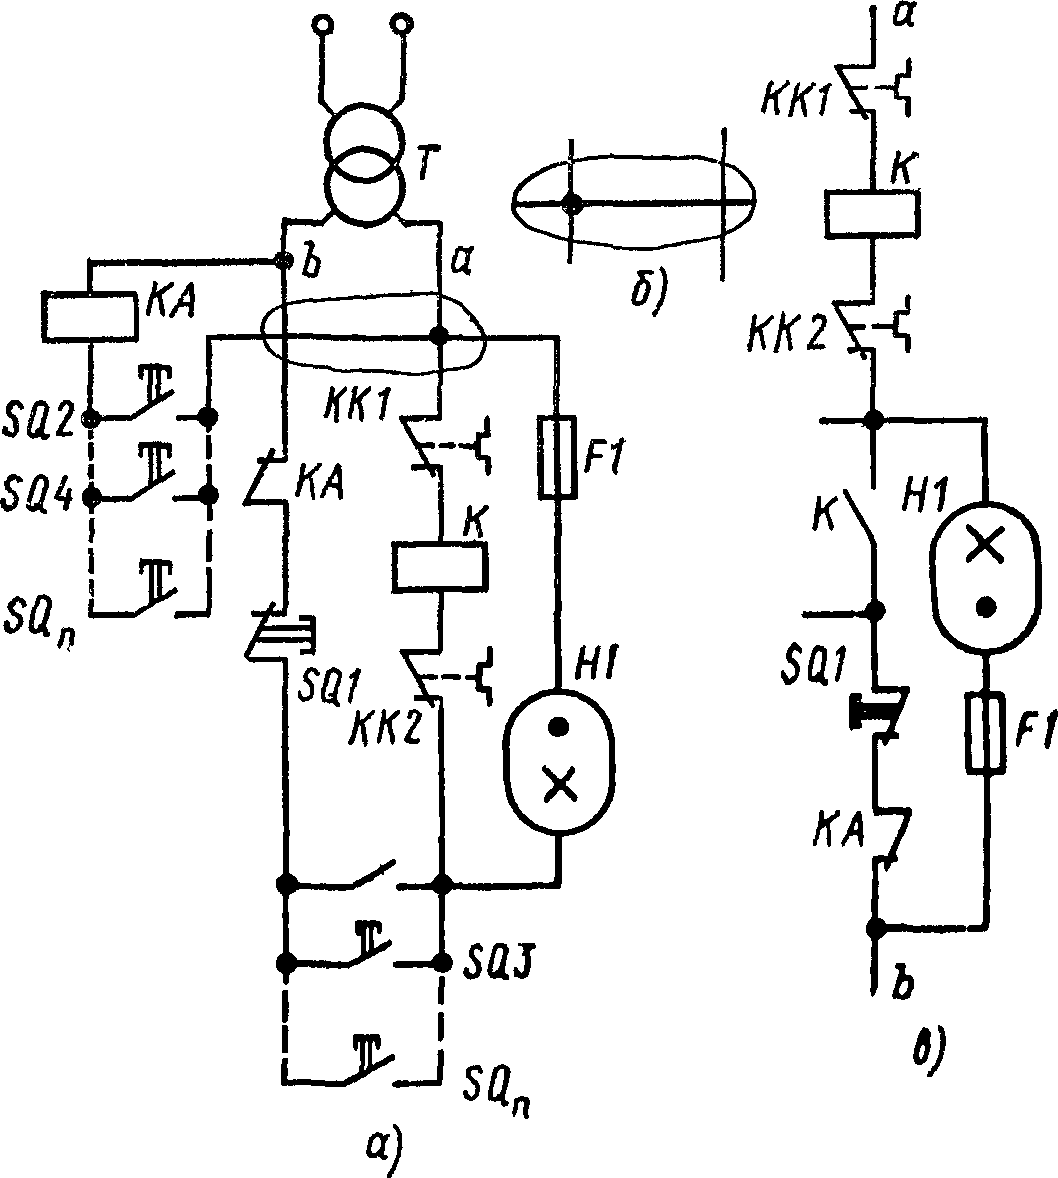 Электрический привод. асинхронный двигатель с фазным ротором. тиристорный электропривод с двигателями постоянного и переменного тока